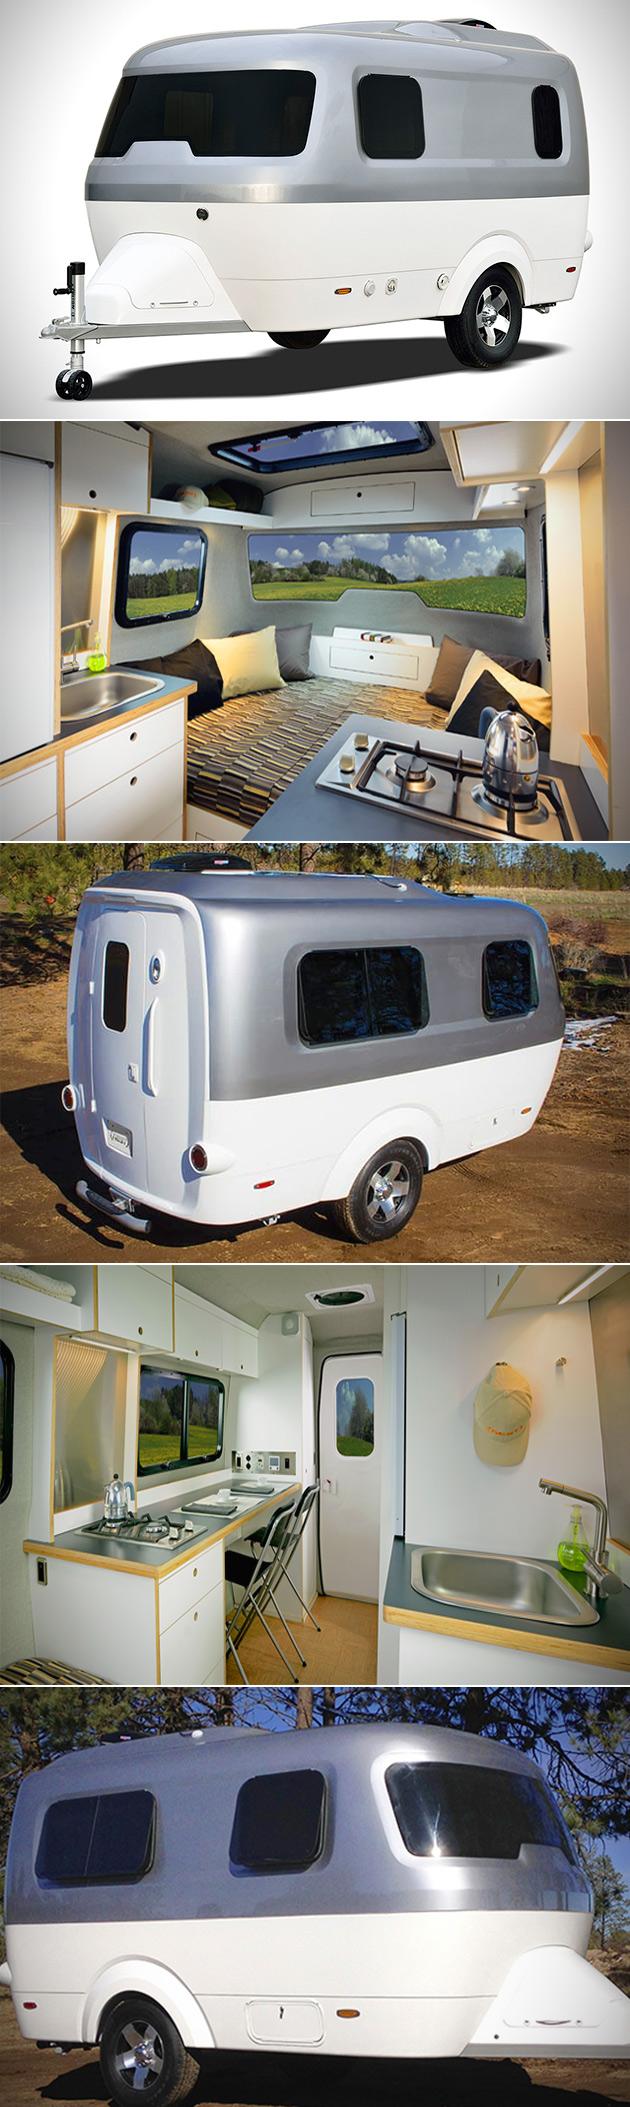 Airstream Nest Trailer Caravan